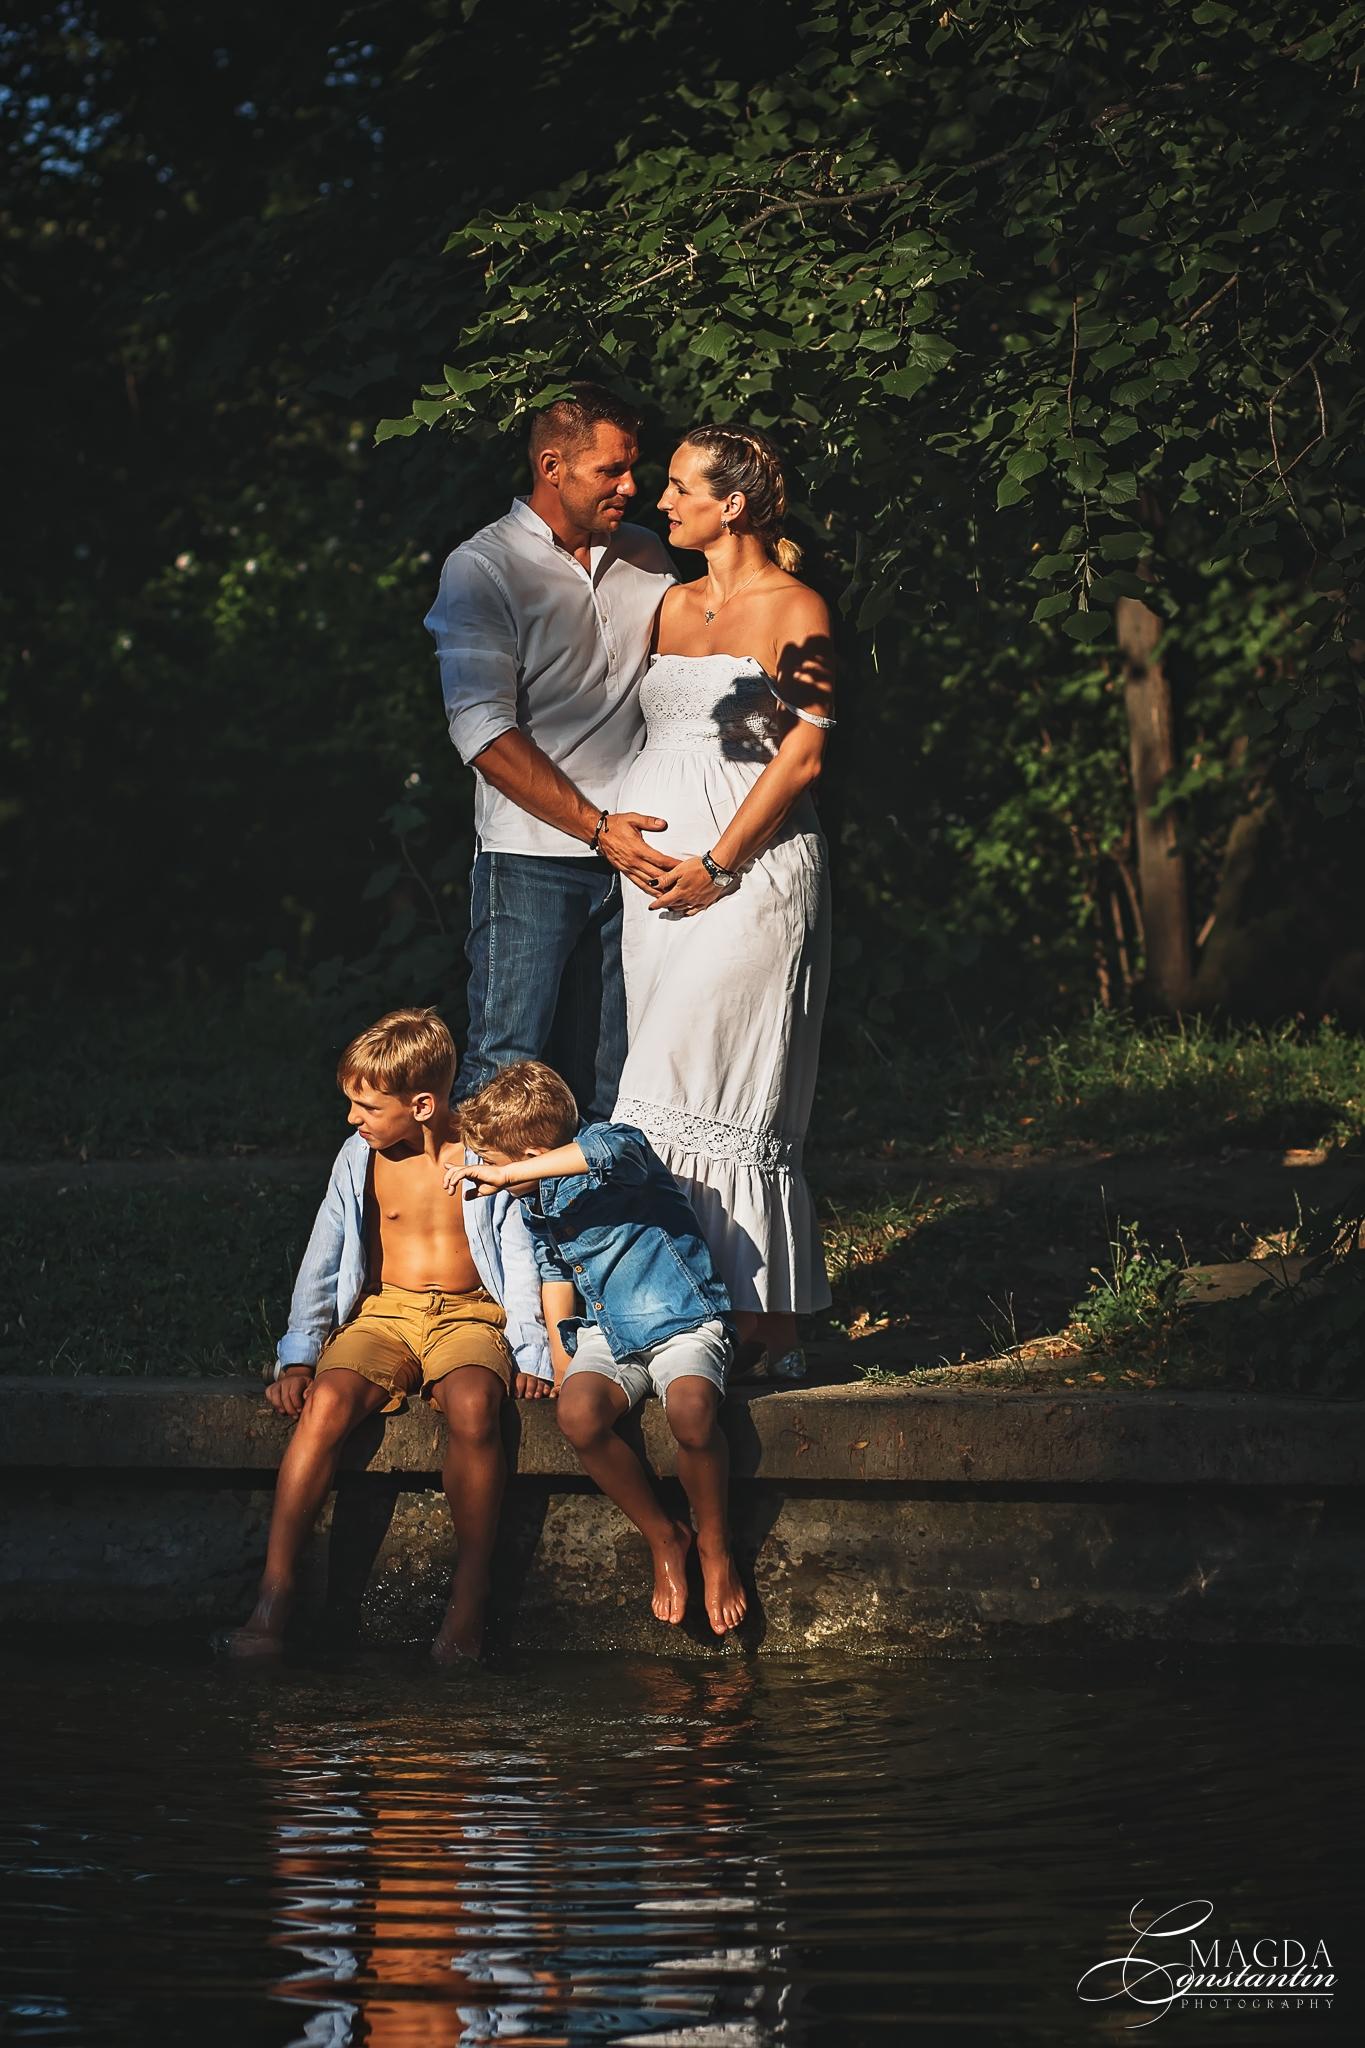 Sedinta foto de maternitate in natura cu stefania sotul si cei doi baieti pe malul lacului in gradina botanica